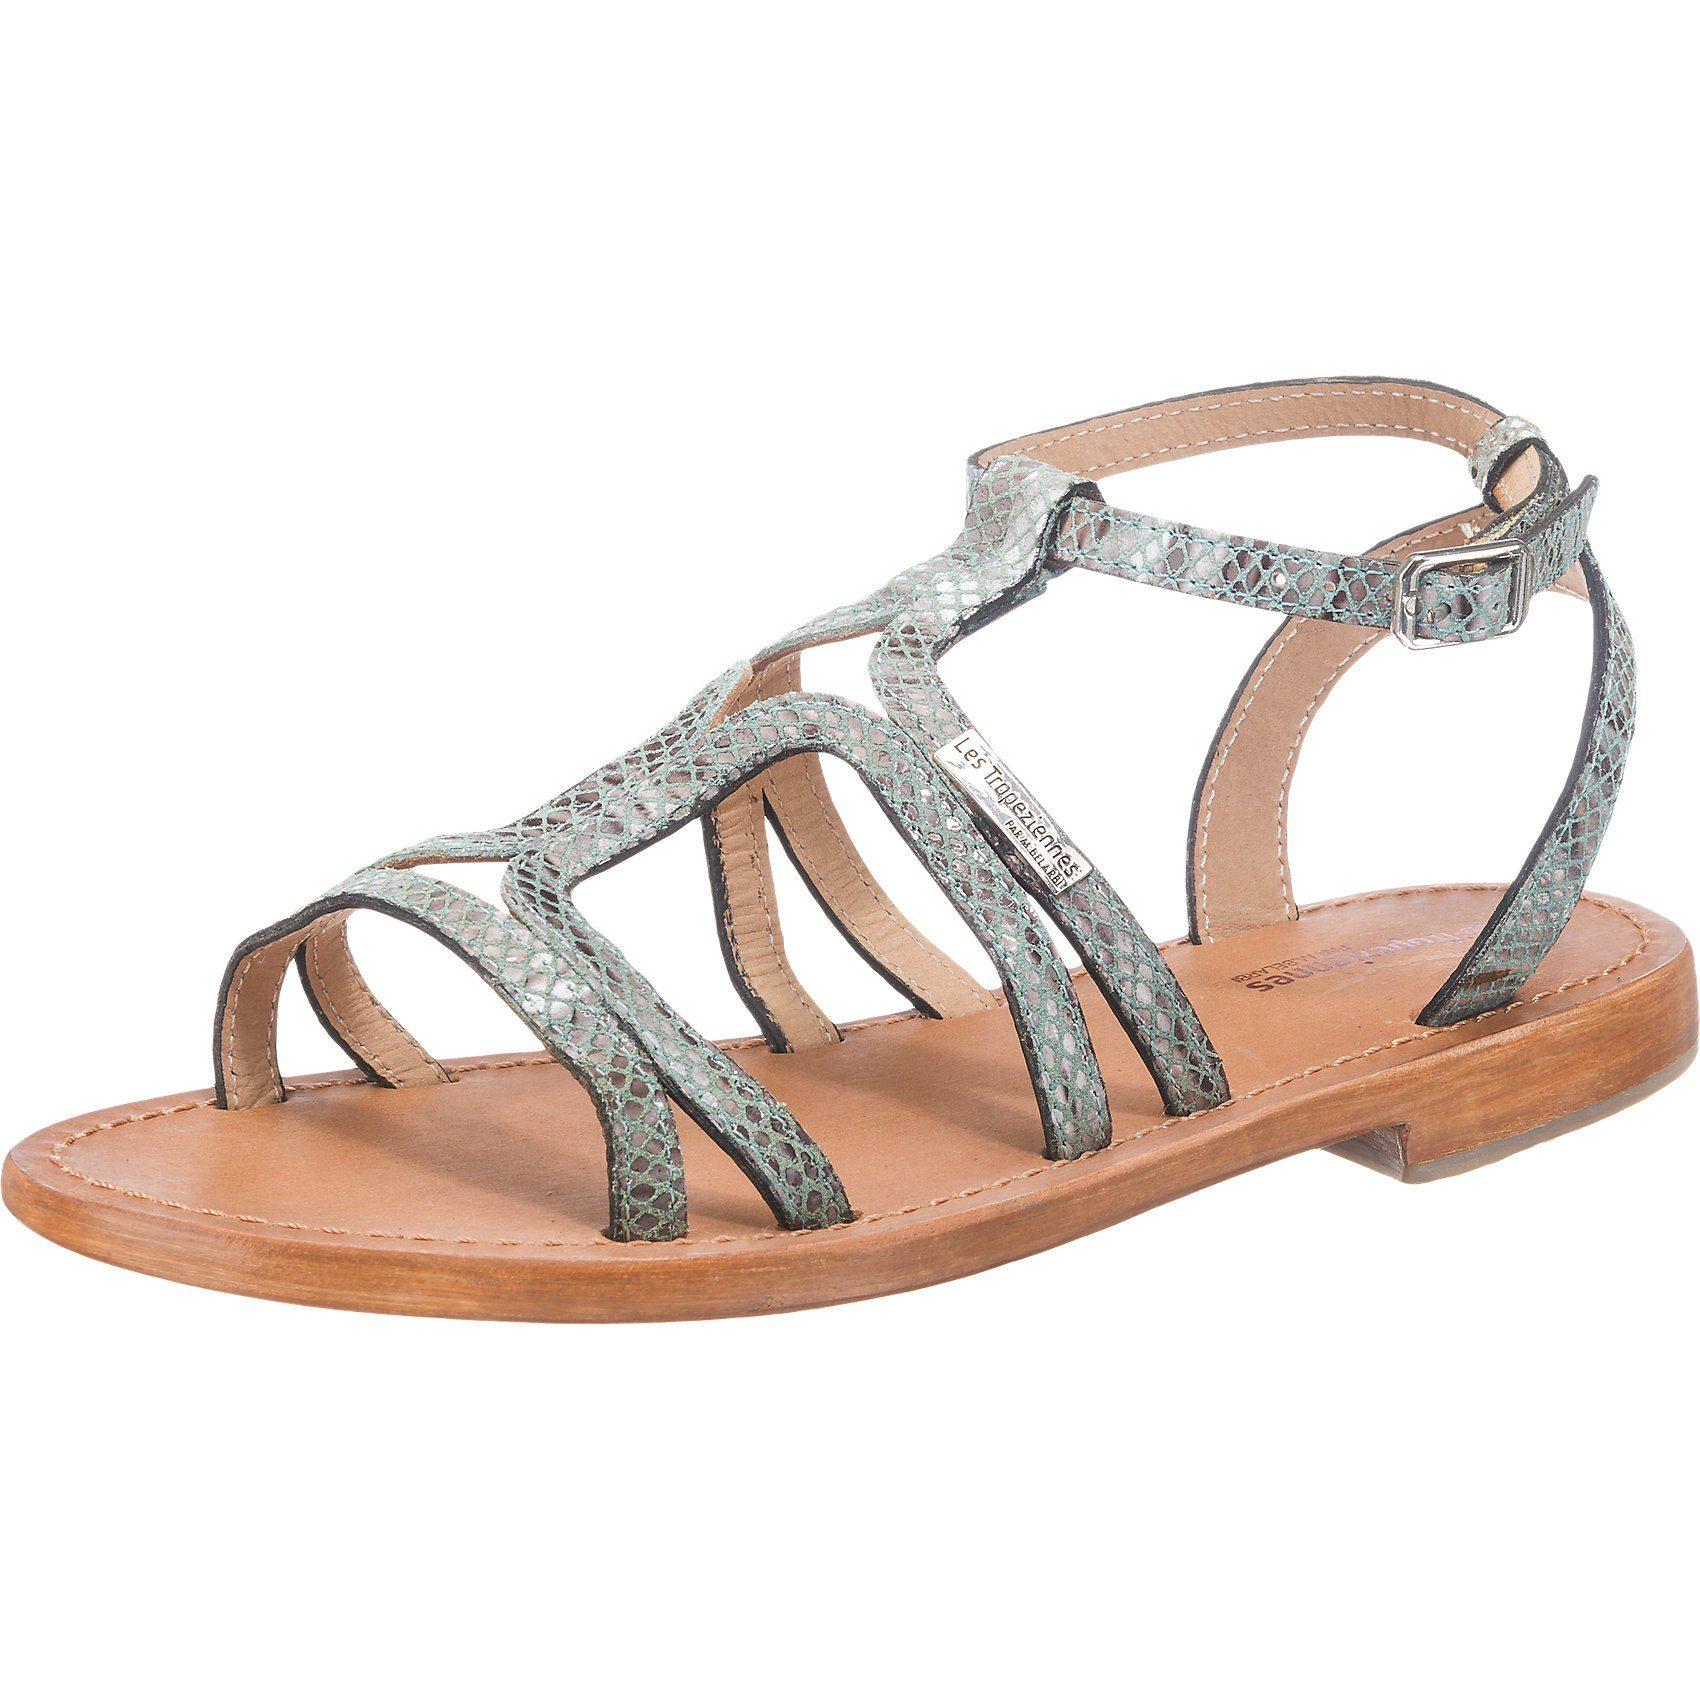 LES TROPEZIENNES Les Tropéziennes Hayate Sandaletten online kaufen  silber